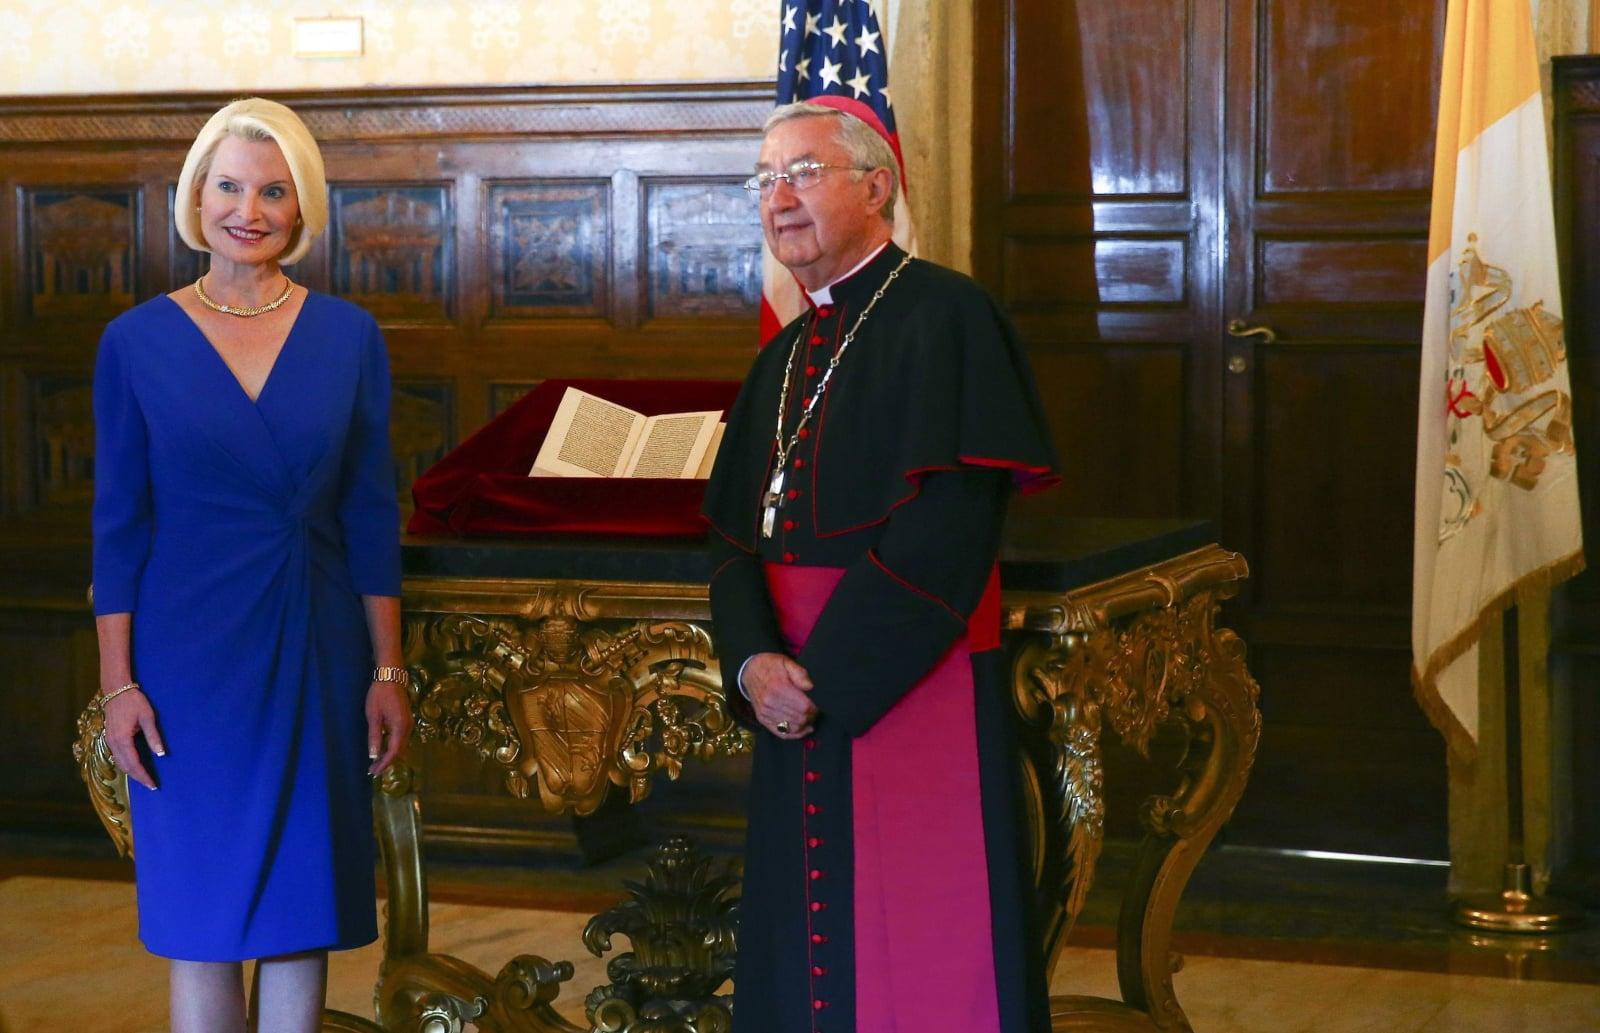 Amerykański ambasador przy Stolicy Apostolskiej Callista L. Gingrich i arcybiskup Jean-Luis Brugues z kopią listu napisanego przez Krzysztofa Kolumba, który został skradziony z archiwów i zwrócony przez amerykańskich funkcjonariuszy Departamentu Bezpieczeństwa Wewnętrznego i amerykańskiego ambasadora w Bibliotece Watykańskiej, Watykan, fot. EPA/TONY GENTILE